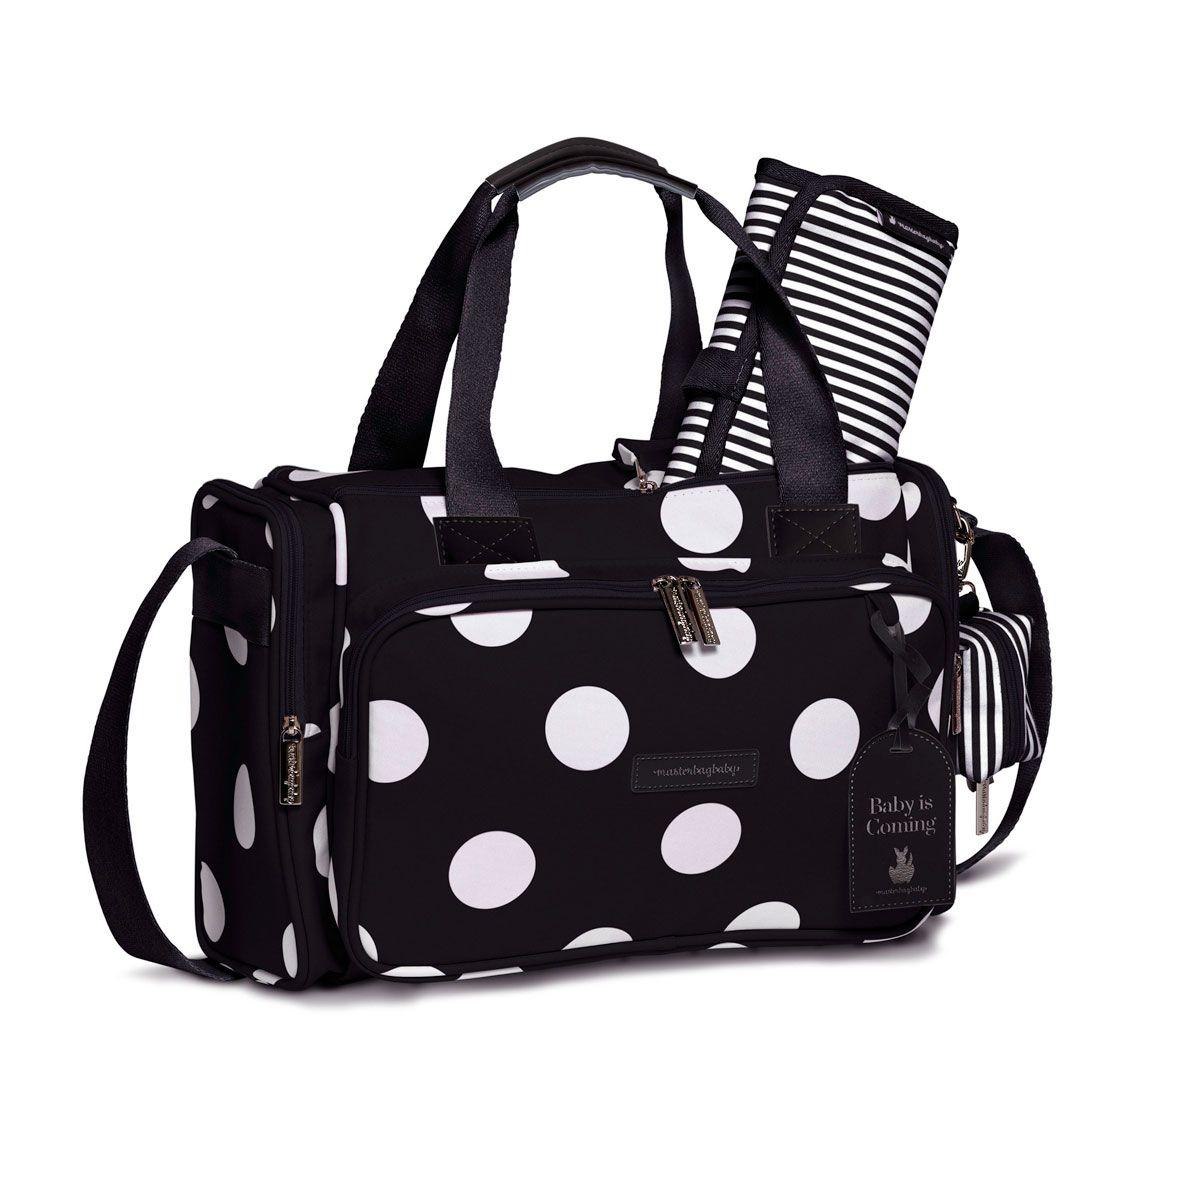 Sacola Anne Bubbles Preta Masterbag Ref 11BUB210